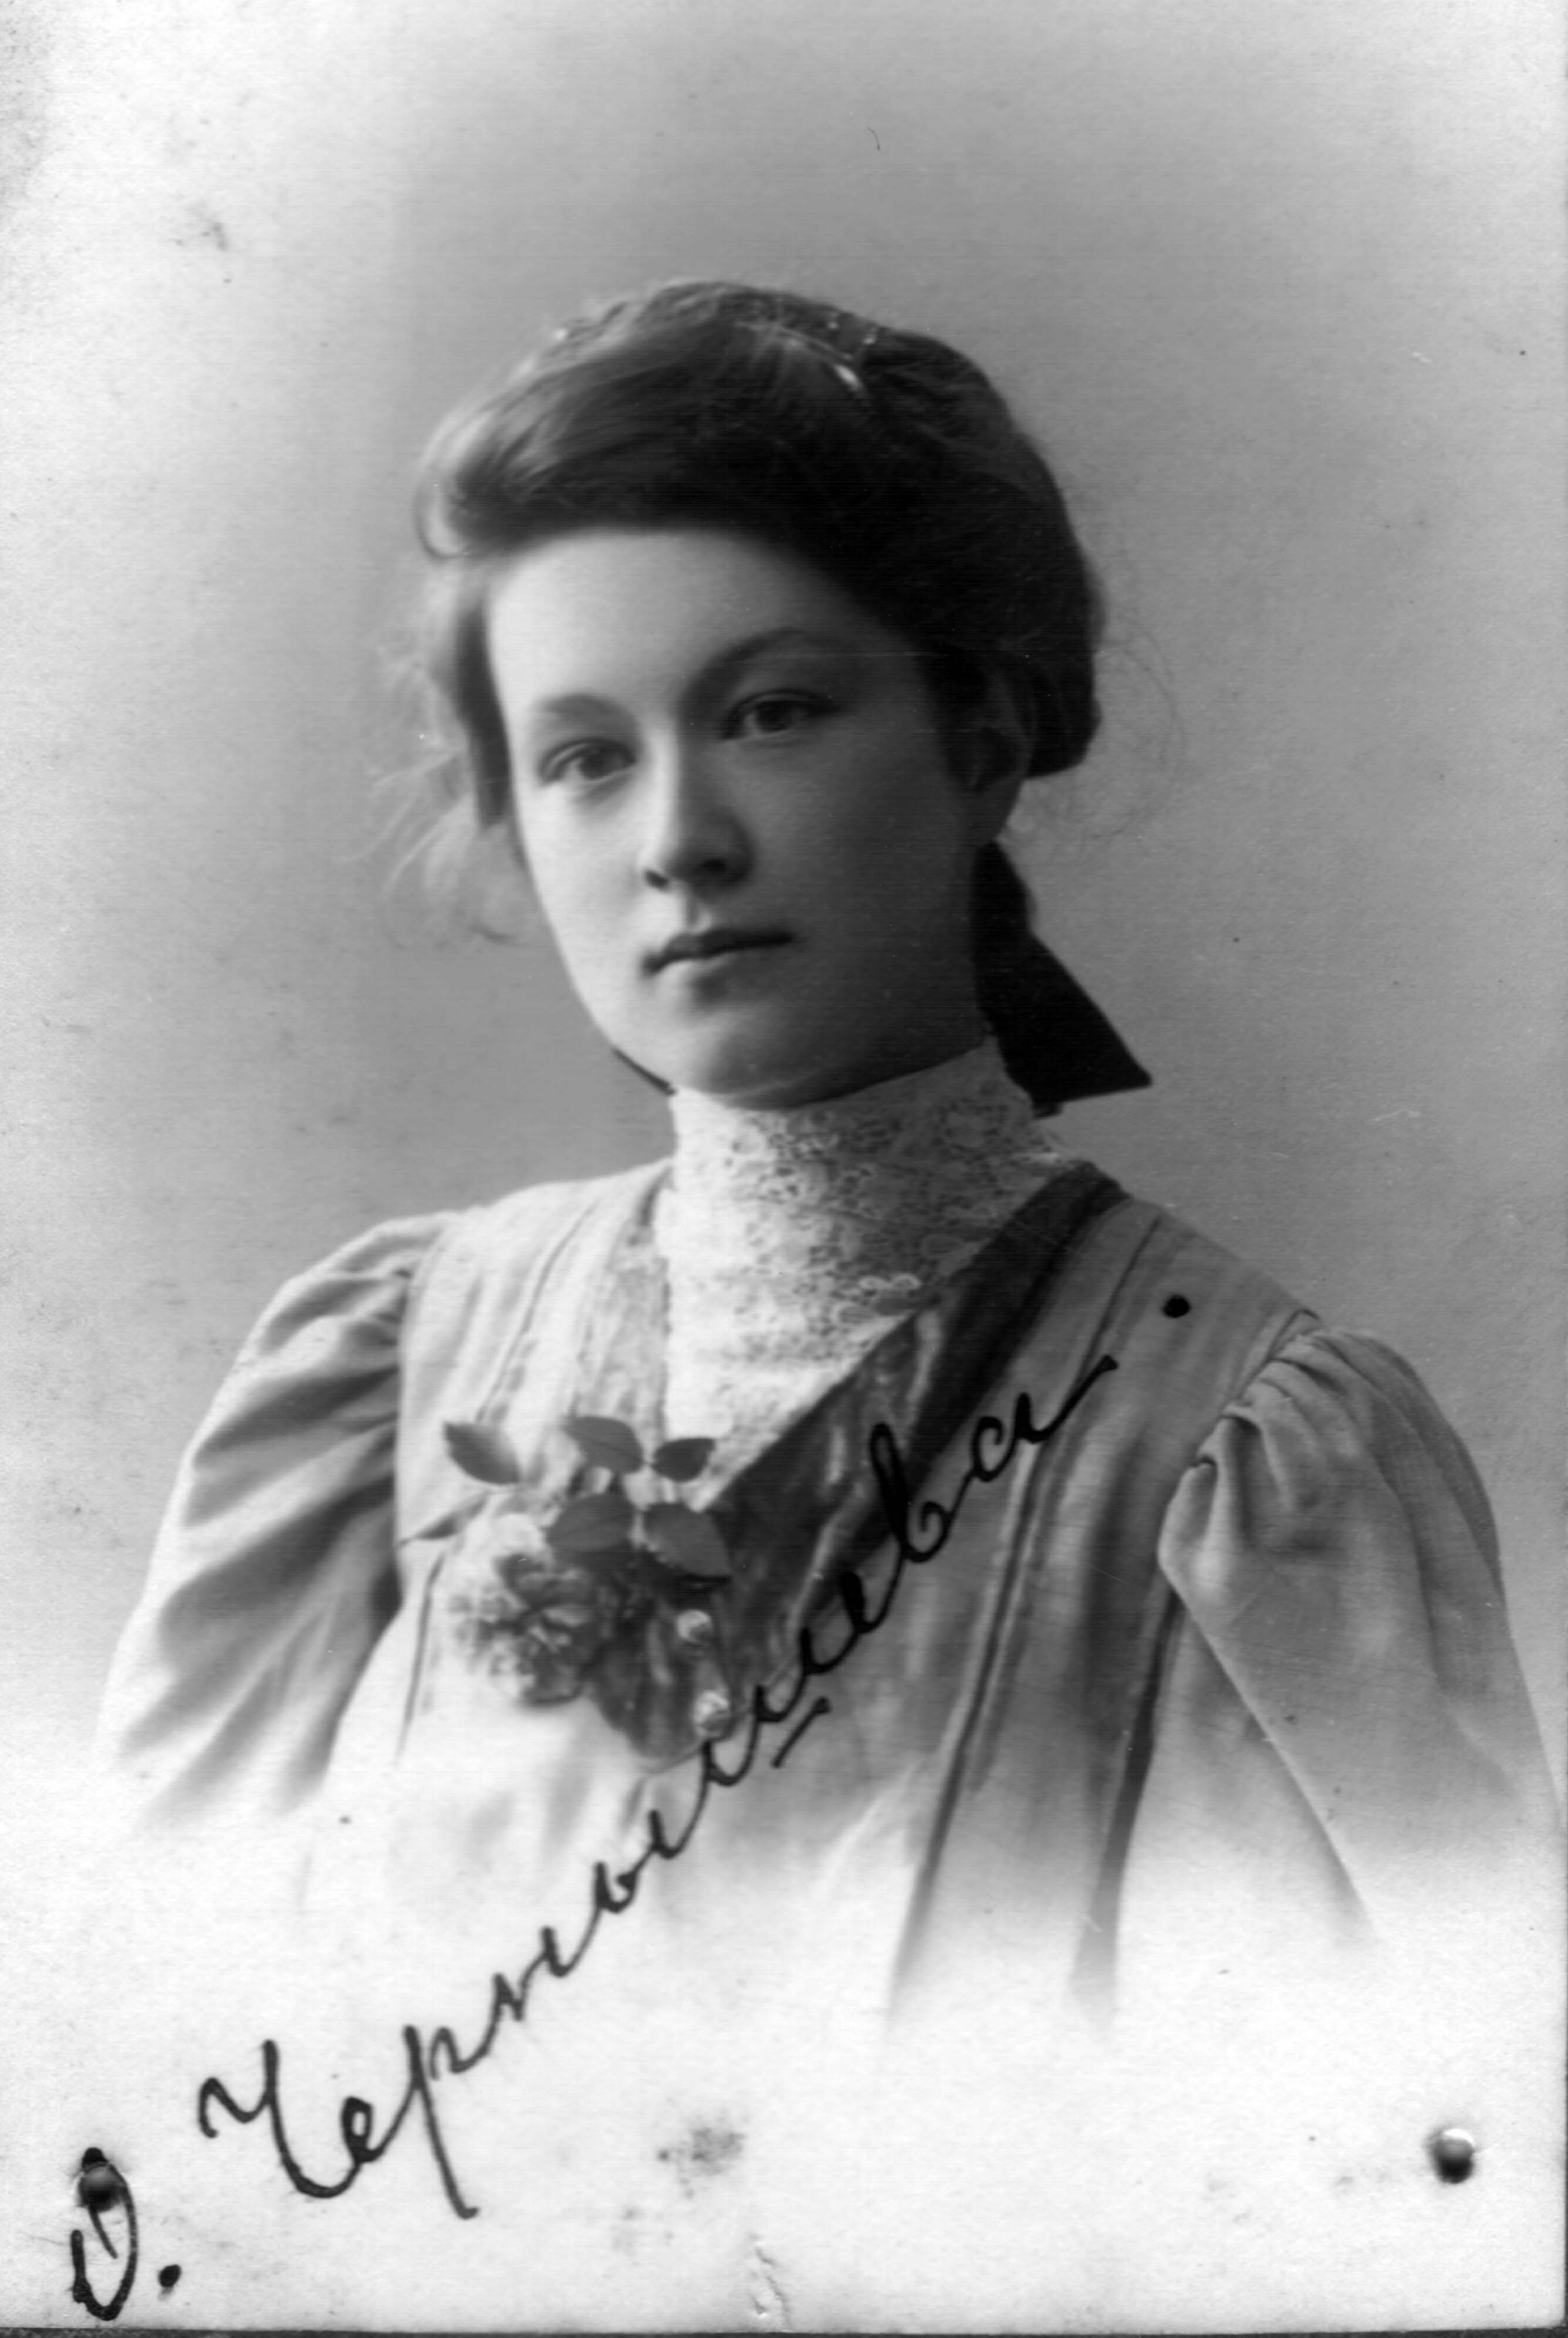 OlgaChernisheva2